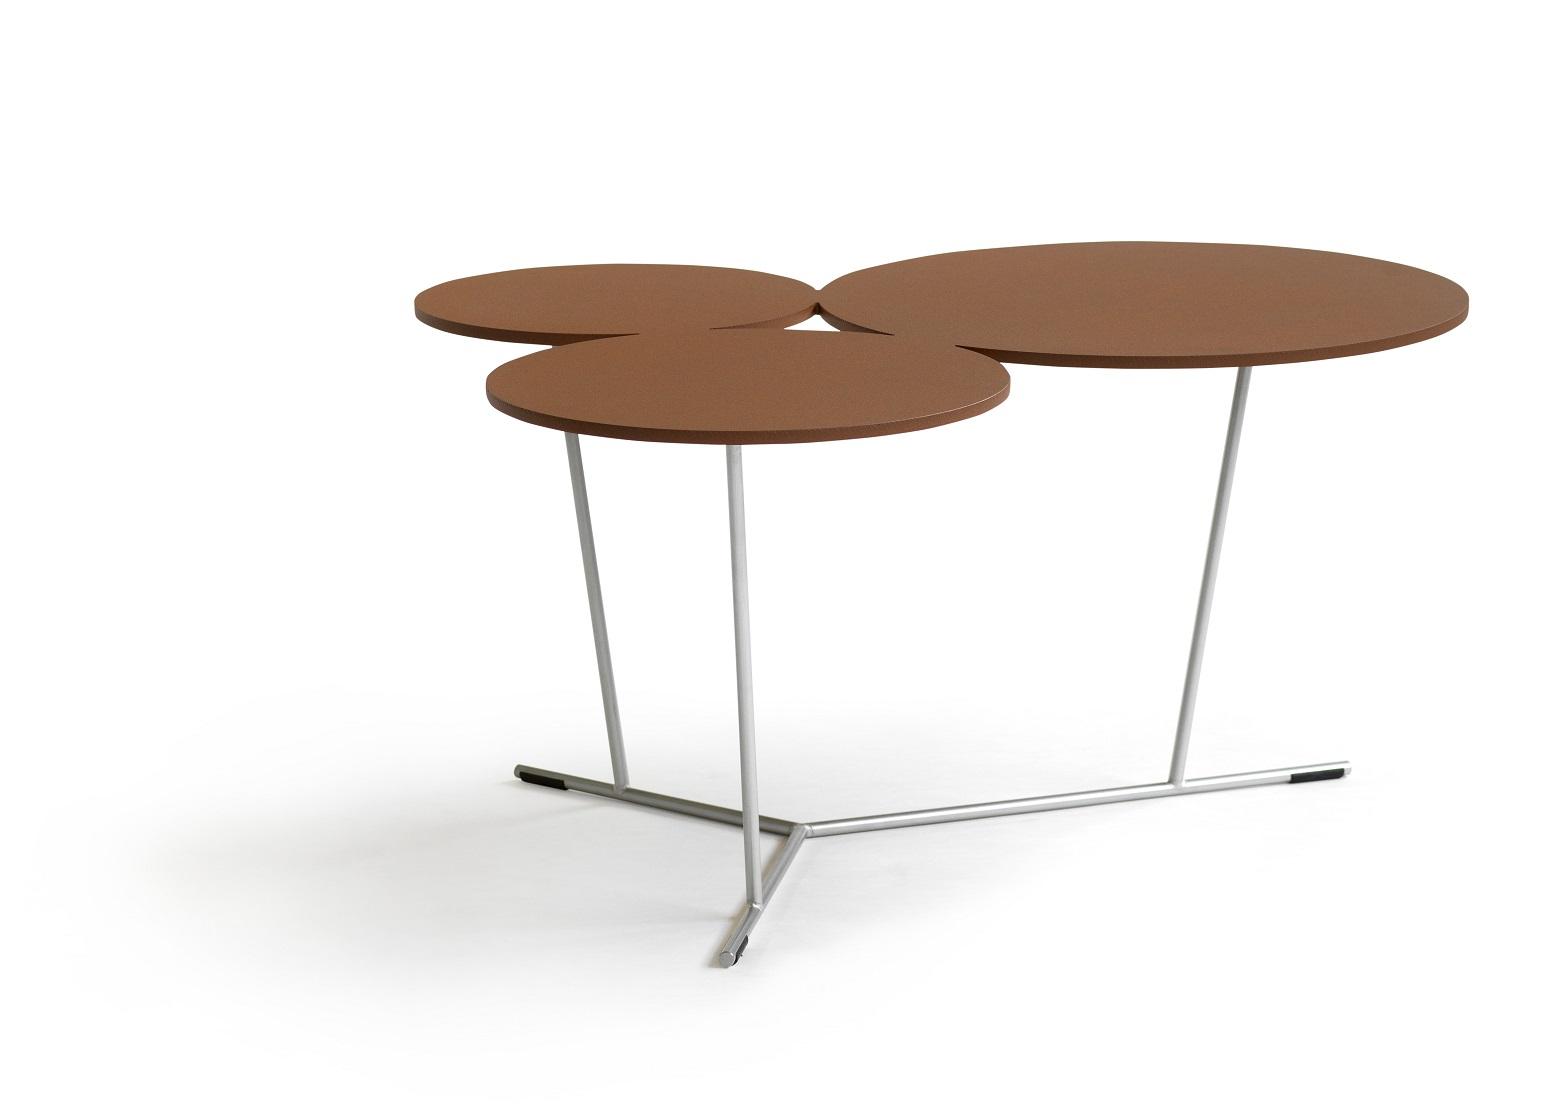 Table basse design Bubble BLA STATION graphique décorative outdoor exterieur terracotta